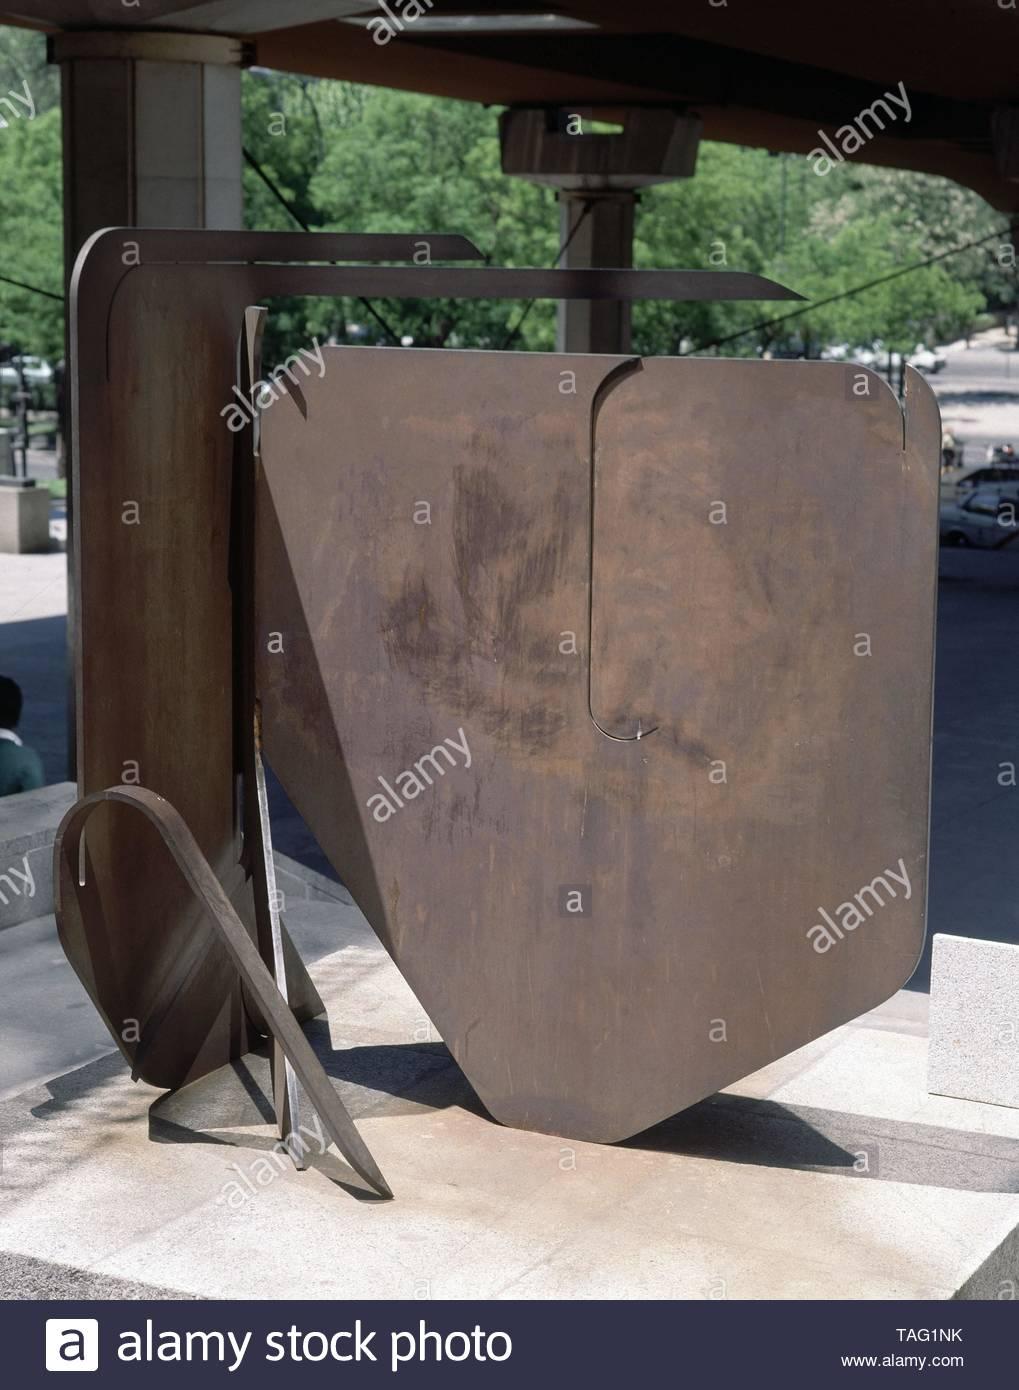 PROYECTO PARA UN MONUMENTO IV B - 1978 - ACERO - 210x188x215 (9). Author: PABLO PALAZUELO. Location: MUSEO AL AIRE LIBRE DE LA CASTELLANA. MADRID. SPAIN. - Stock Image